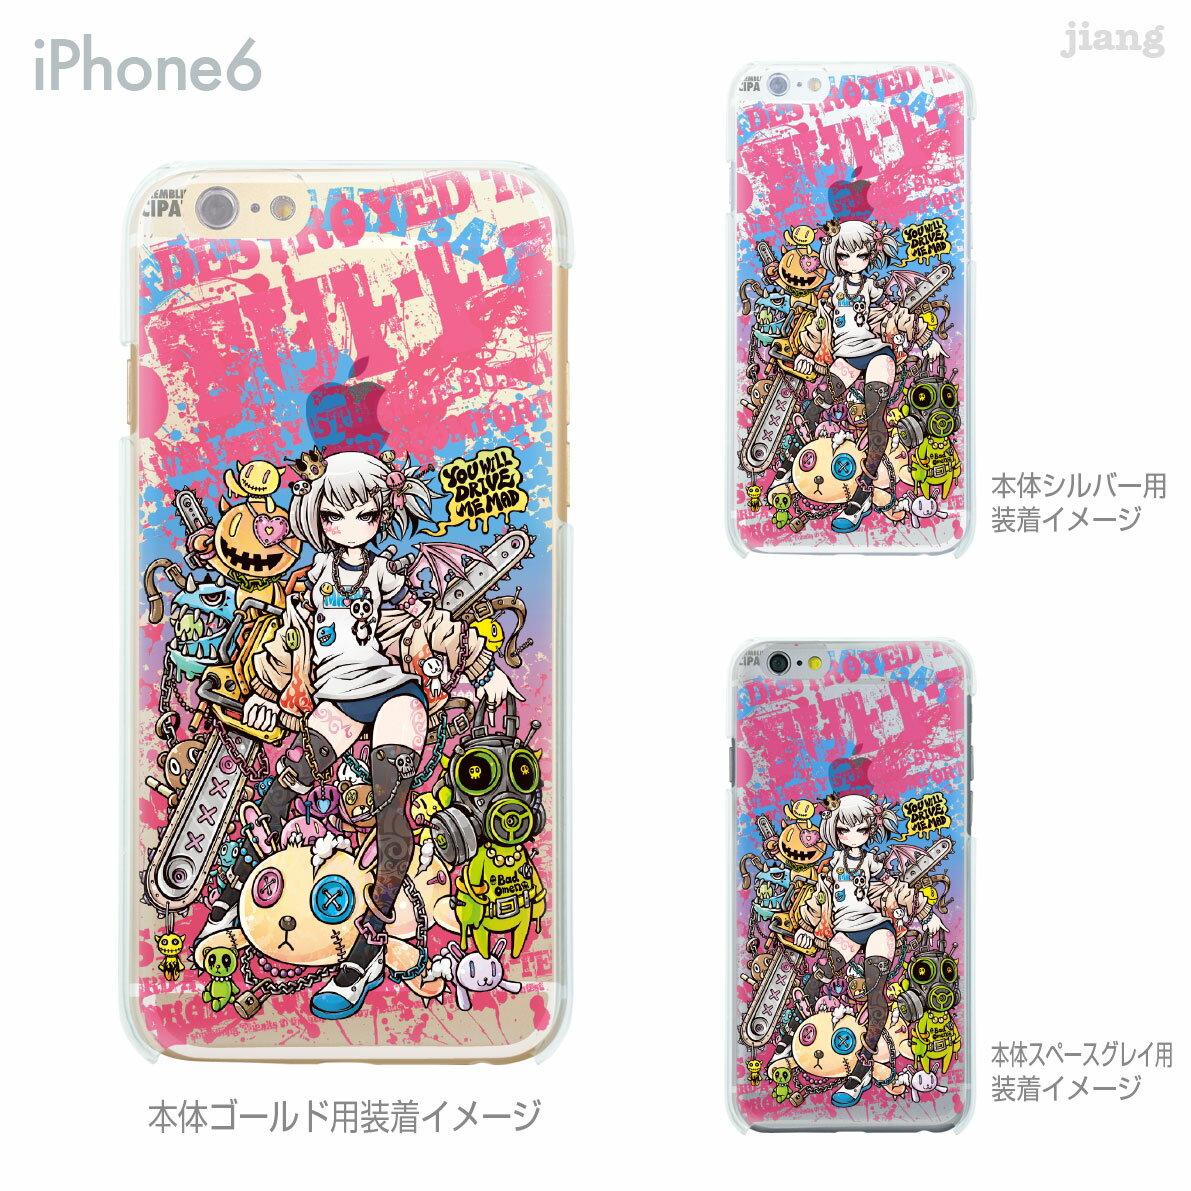 iPhoneX iPhone X ケース iPhone8 iPhone7ケース iPhone7 Plus iPhone6s iPhone6 Plus iphone ハードケース Clear Arts ケース カバー スマホケース クリアケース Project.C.K. MARBLE 11-ip6-ca0012-s